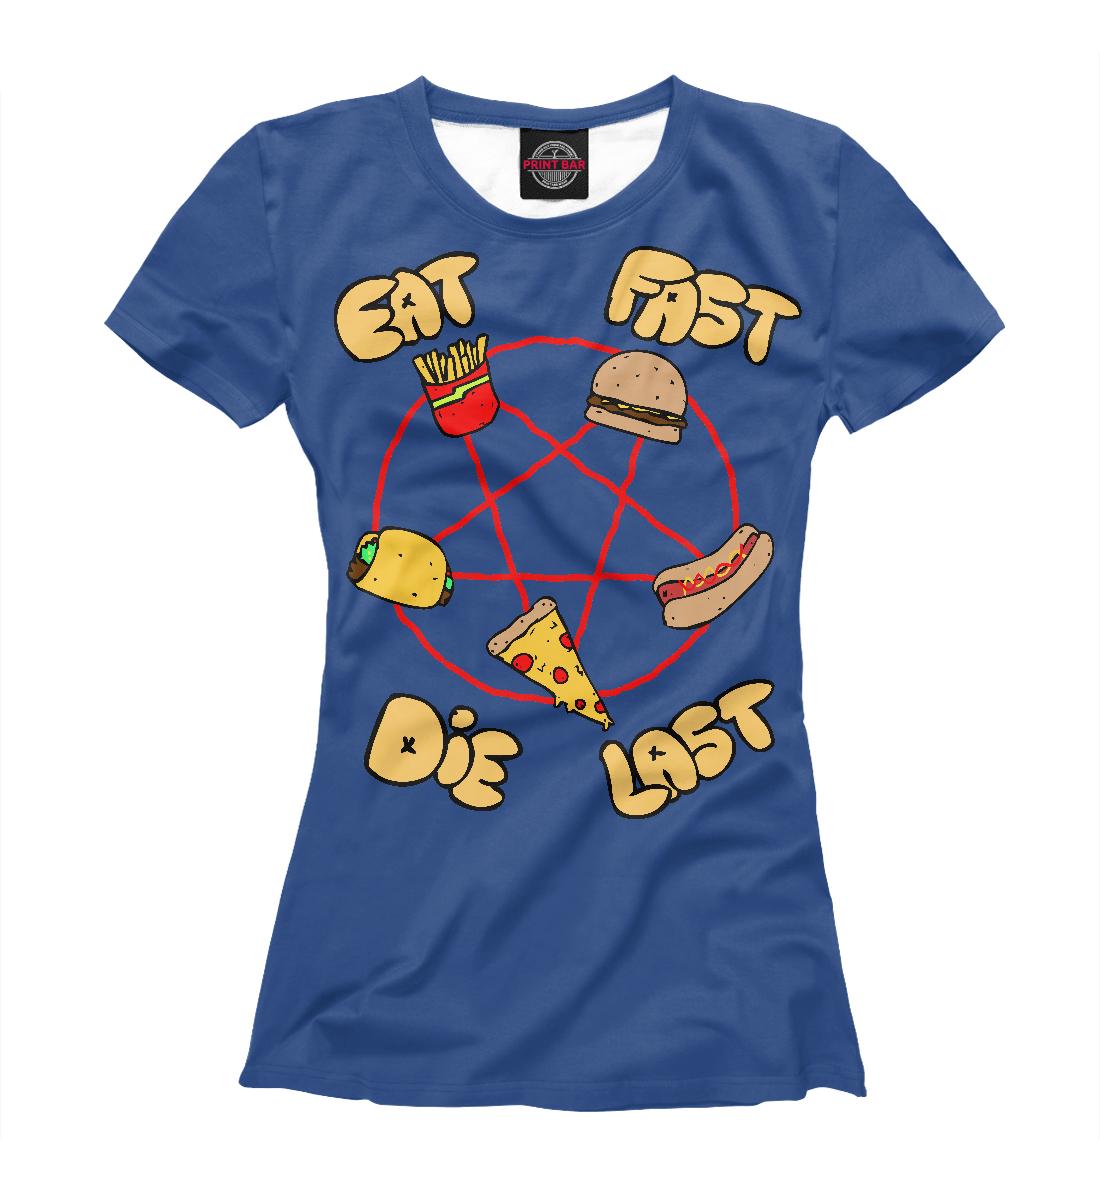 Купить Ешь быстро, умри последним, Printbar, Футболки, EDA-469778-fut-1